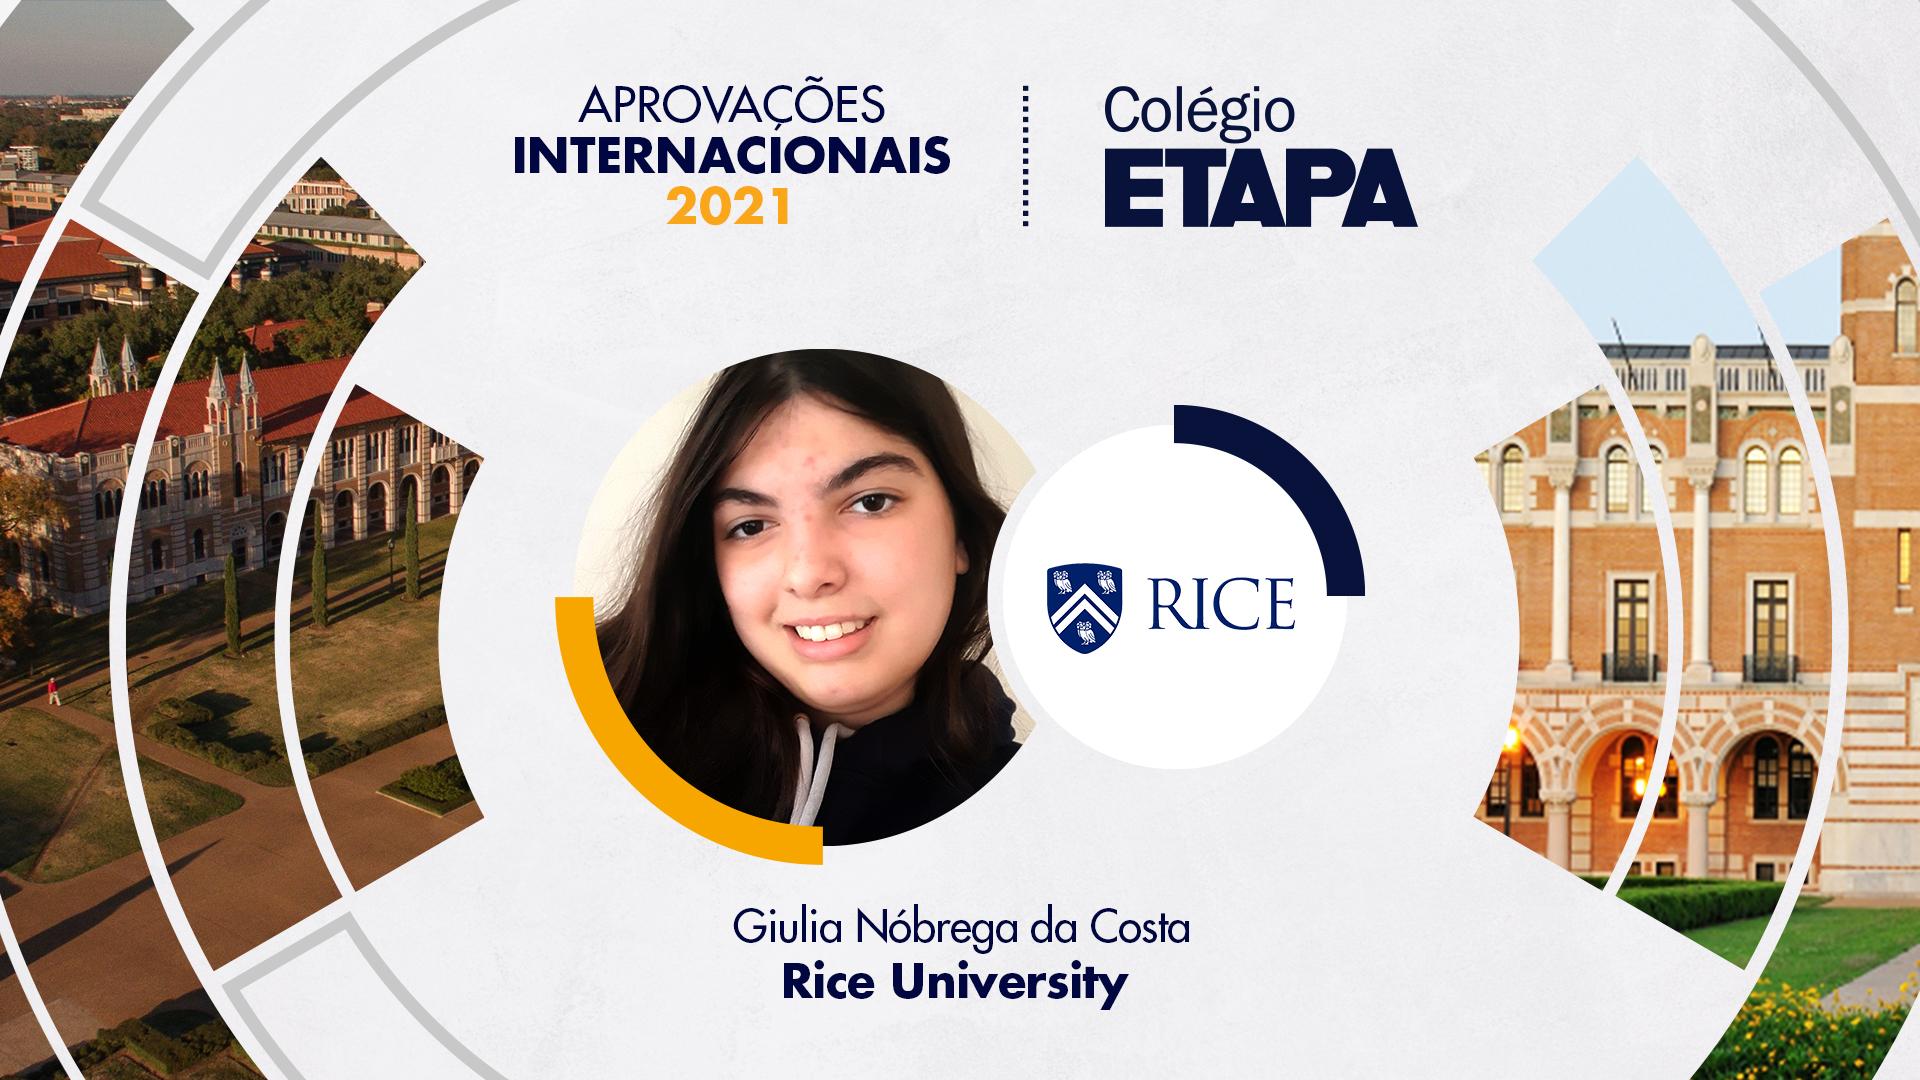 Aprovações Internacionais 2021: Giulia Nóbrega da Costa